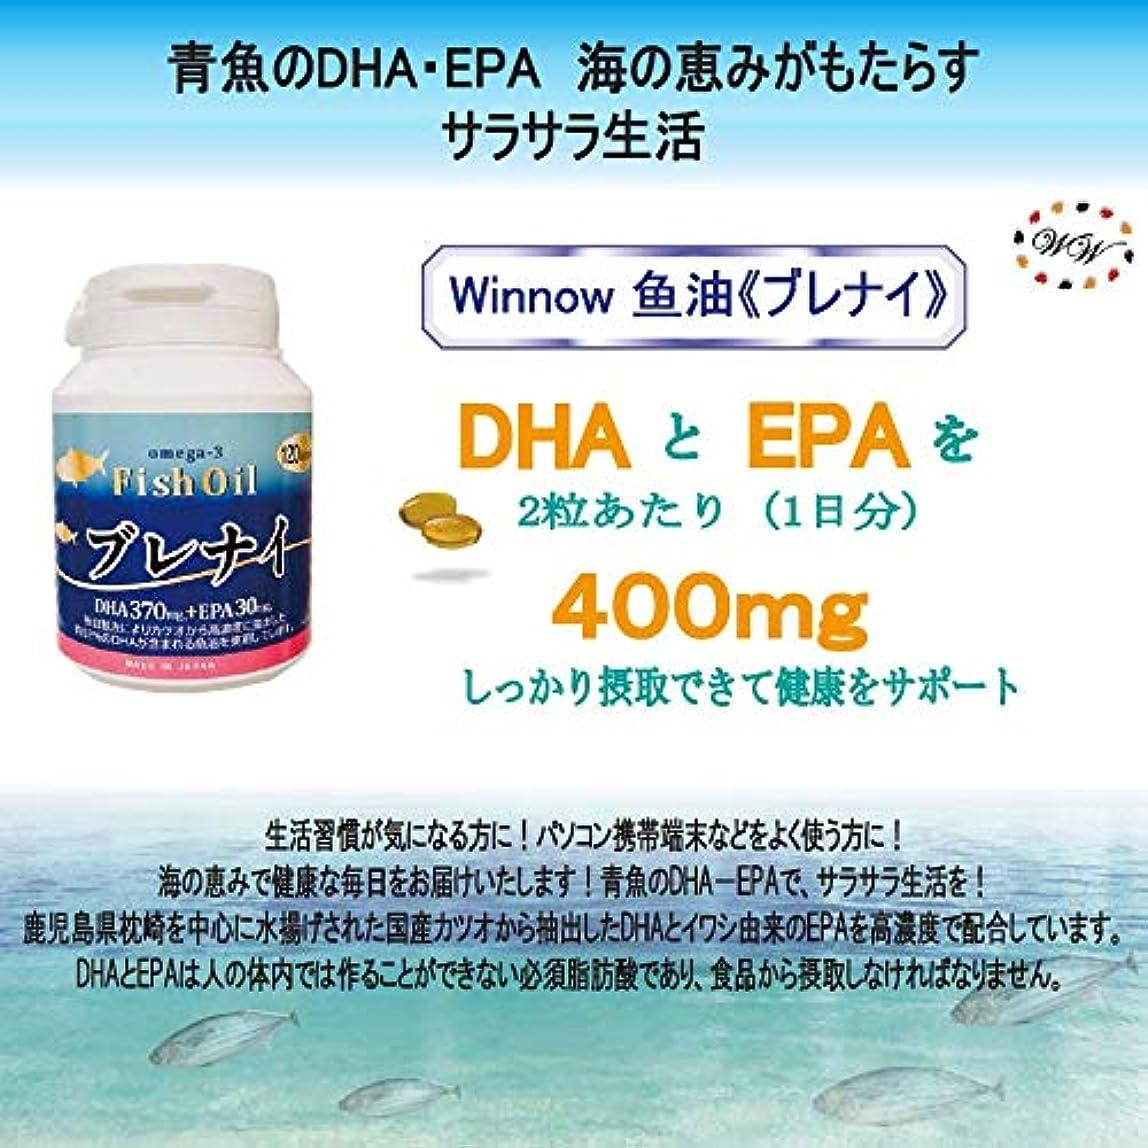 取り組むふくろうツイン魚油<ブレナイ>オメガ3脂肪酸Omega3 Fish oil/日本産高濃度DHA、EPA / 120粒 [お買得3本セット]